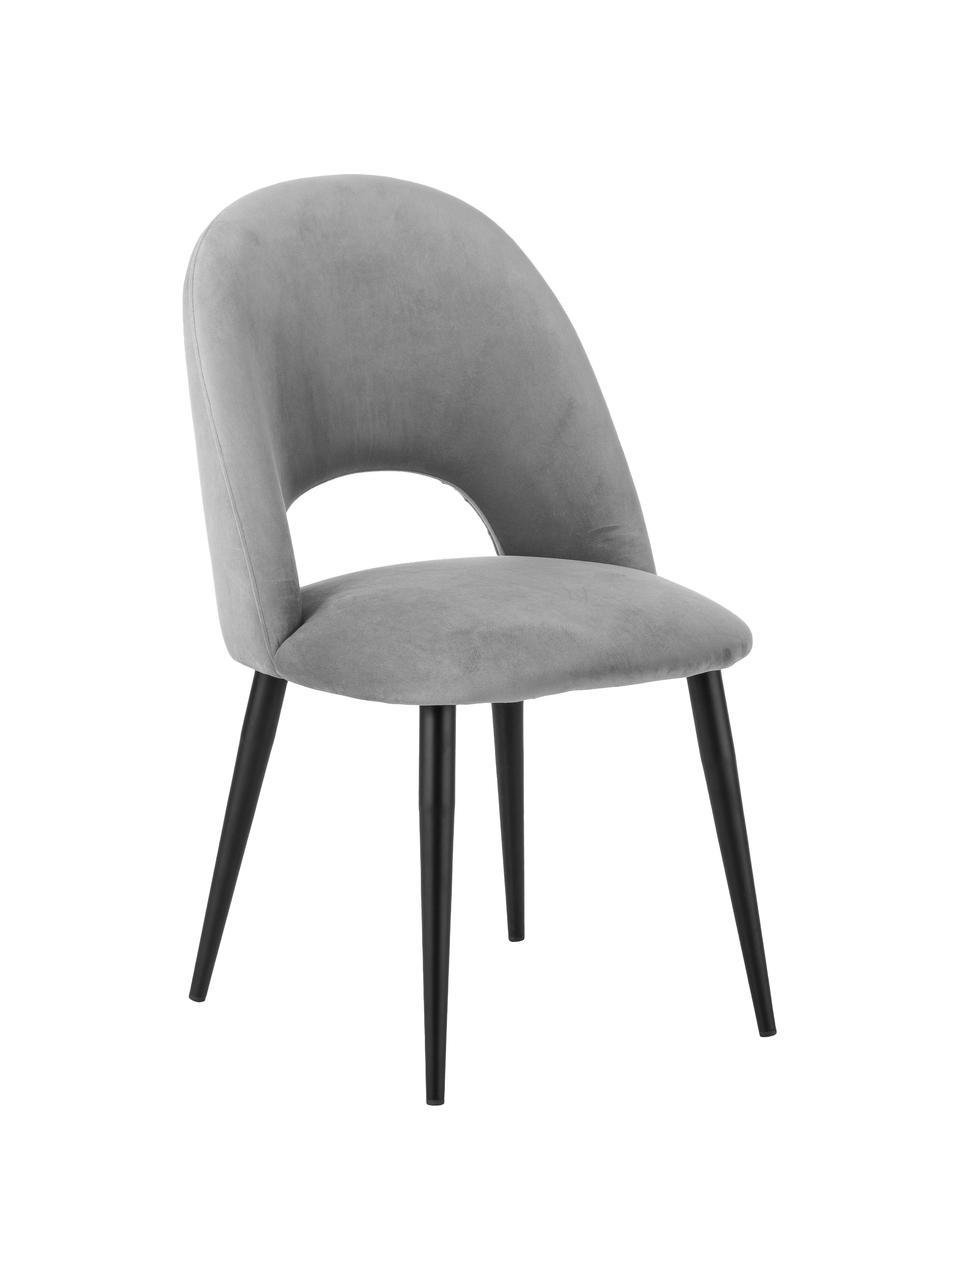 Sedia imbottita in velluto grigio Rachel, Rivestimento: (100% poliestere) Con 50., Gambe: metallo verniciato a polv, Velluto grigio, Larg. 53 x Prof. 57 cm